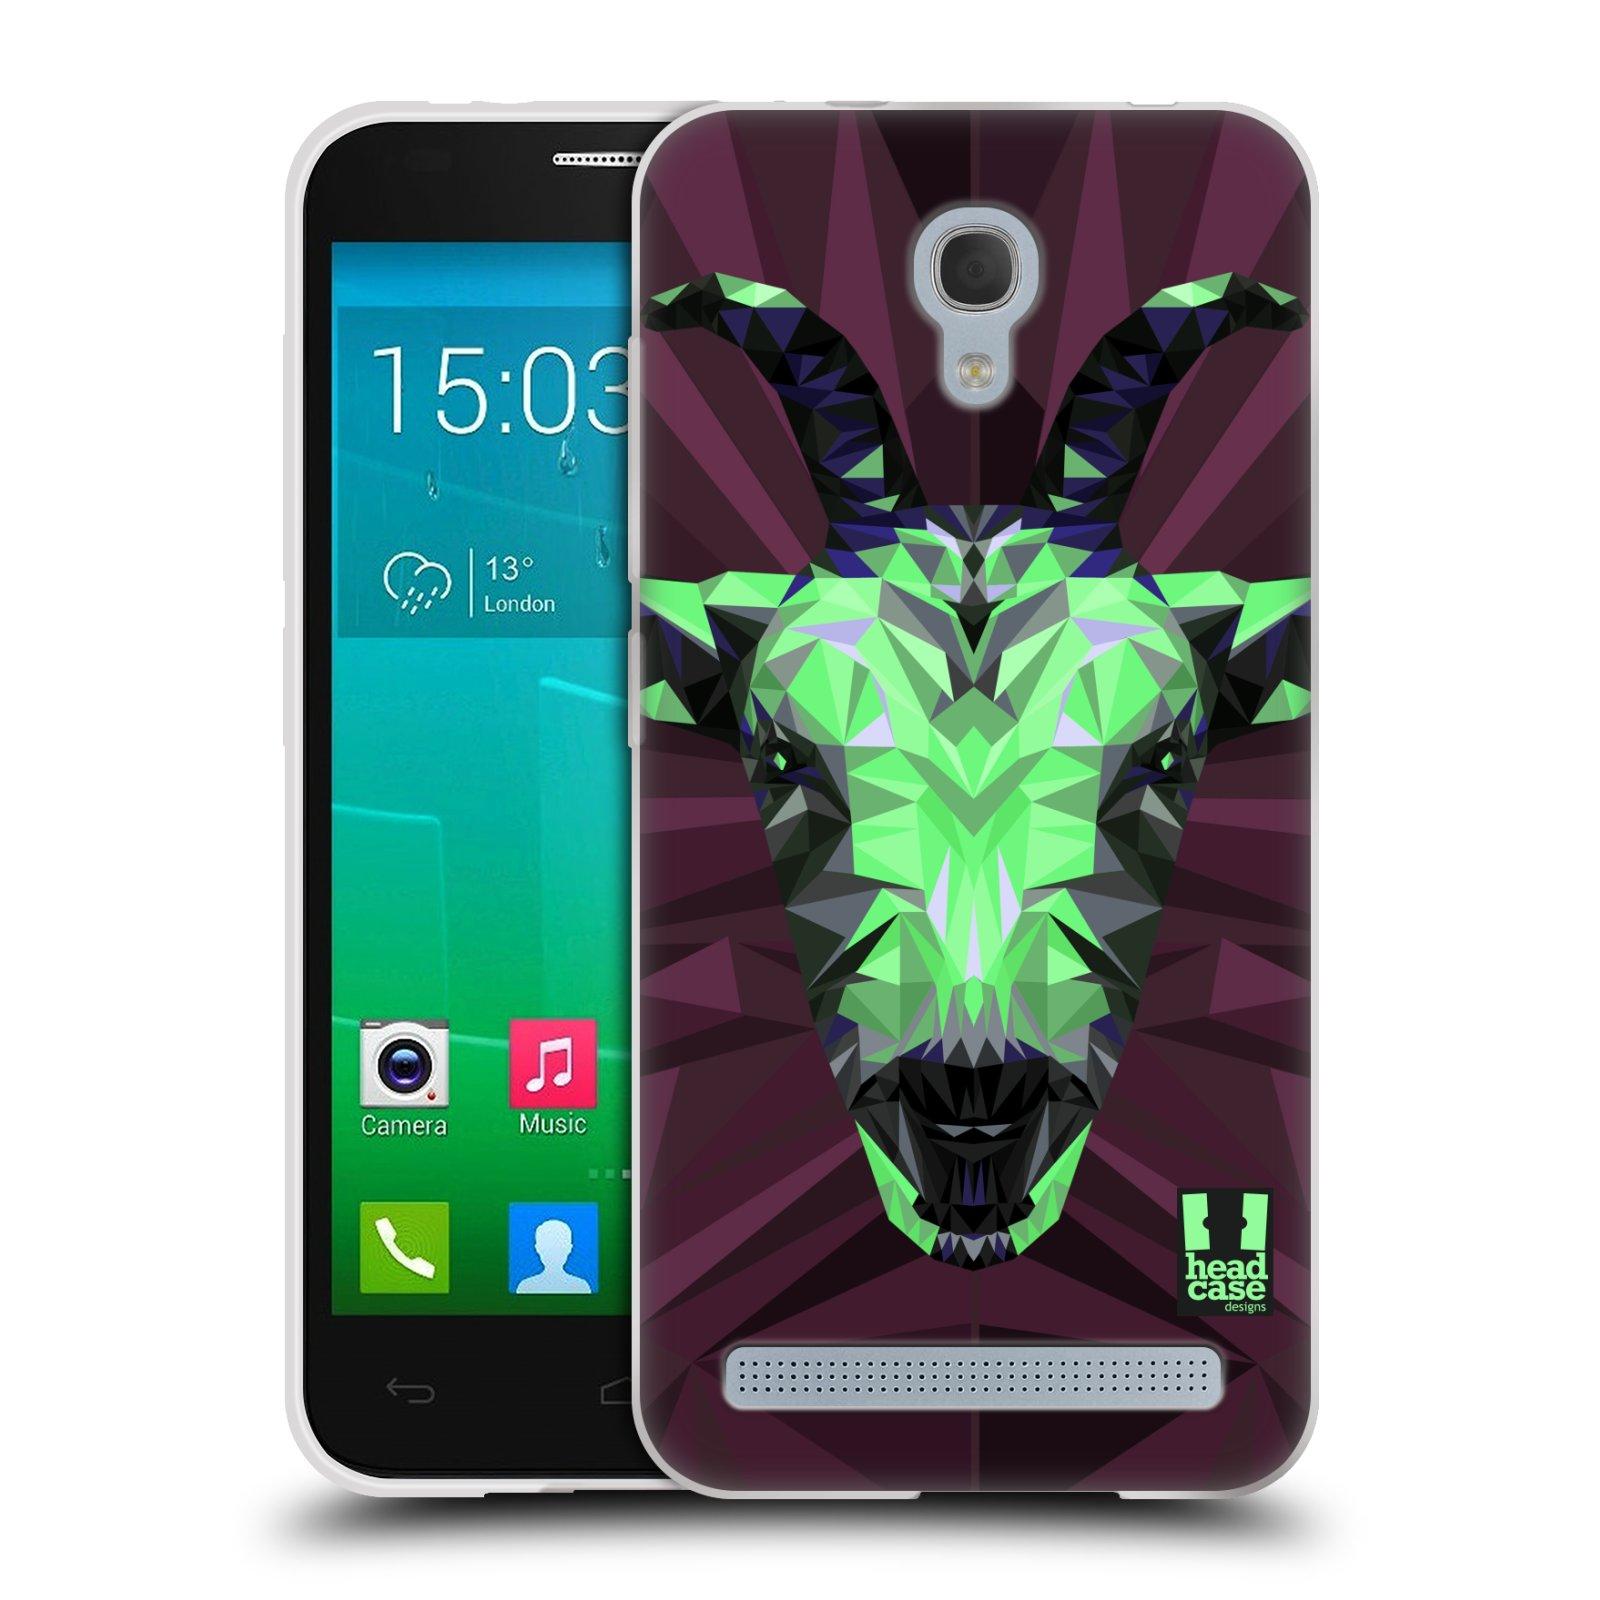 HEAD CASE silikonový obal na mobil Alcatel Idol 2 MINI S 6036Y vzor Geometrická zvířata 2 kozel